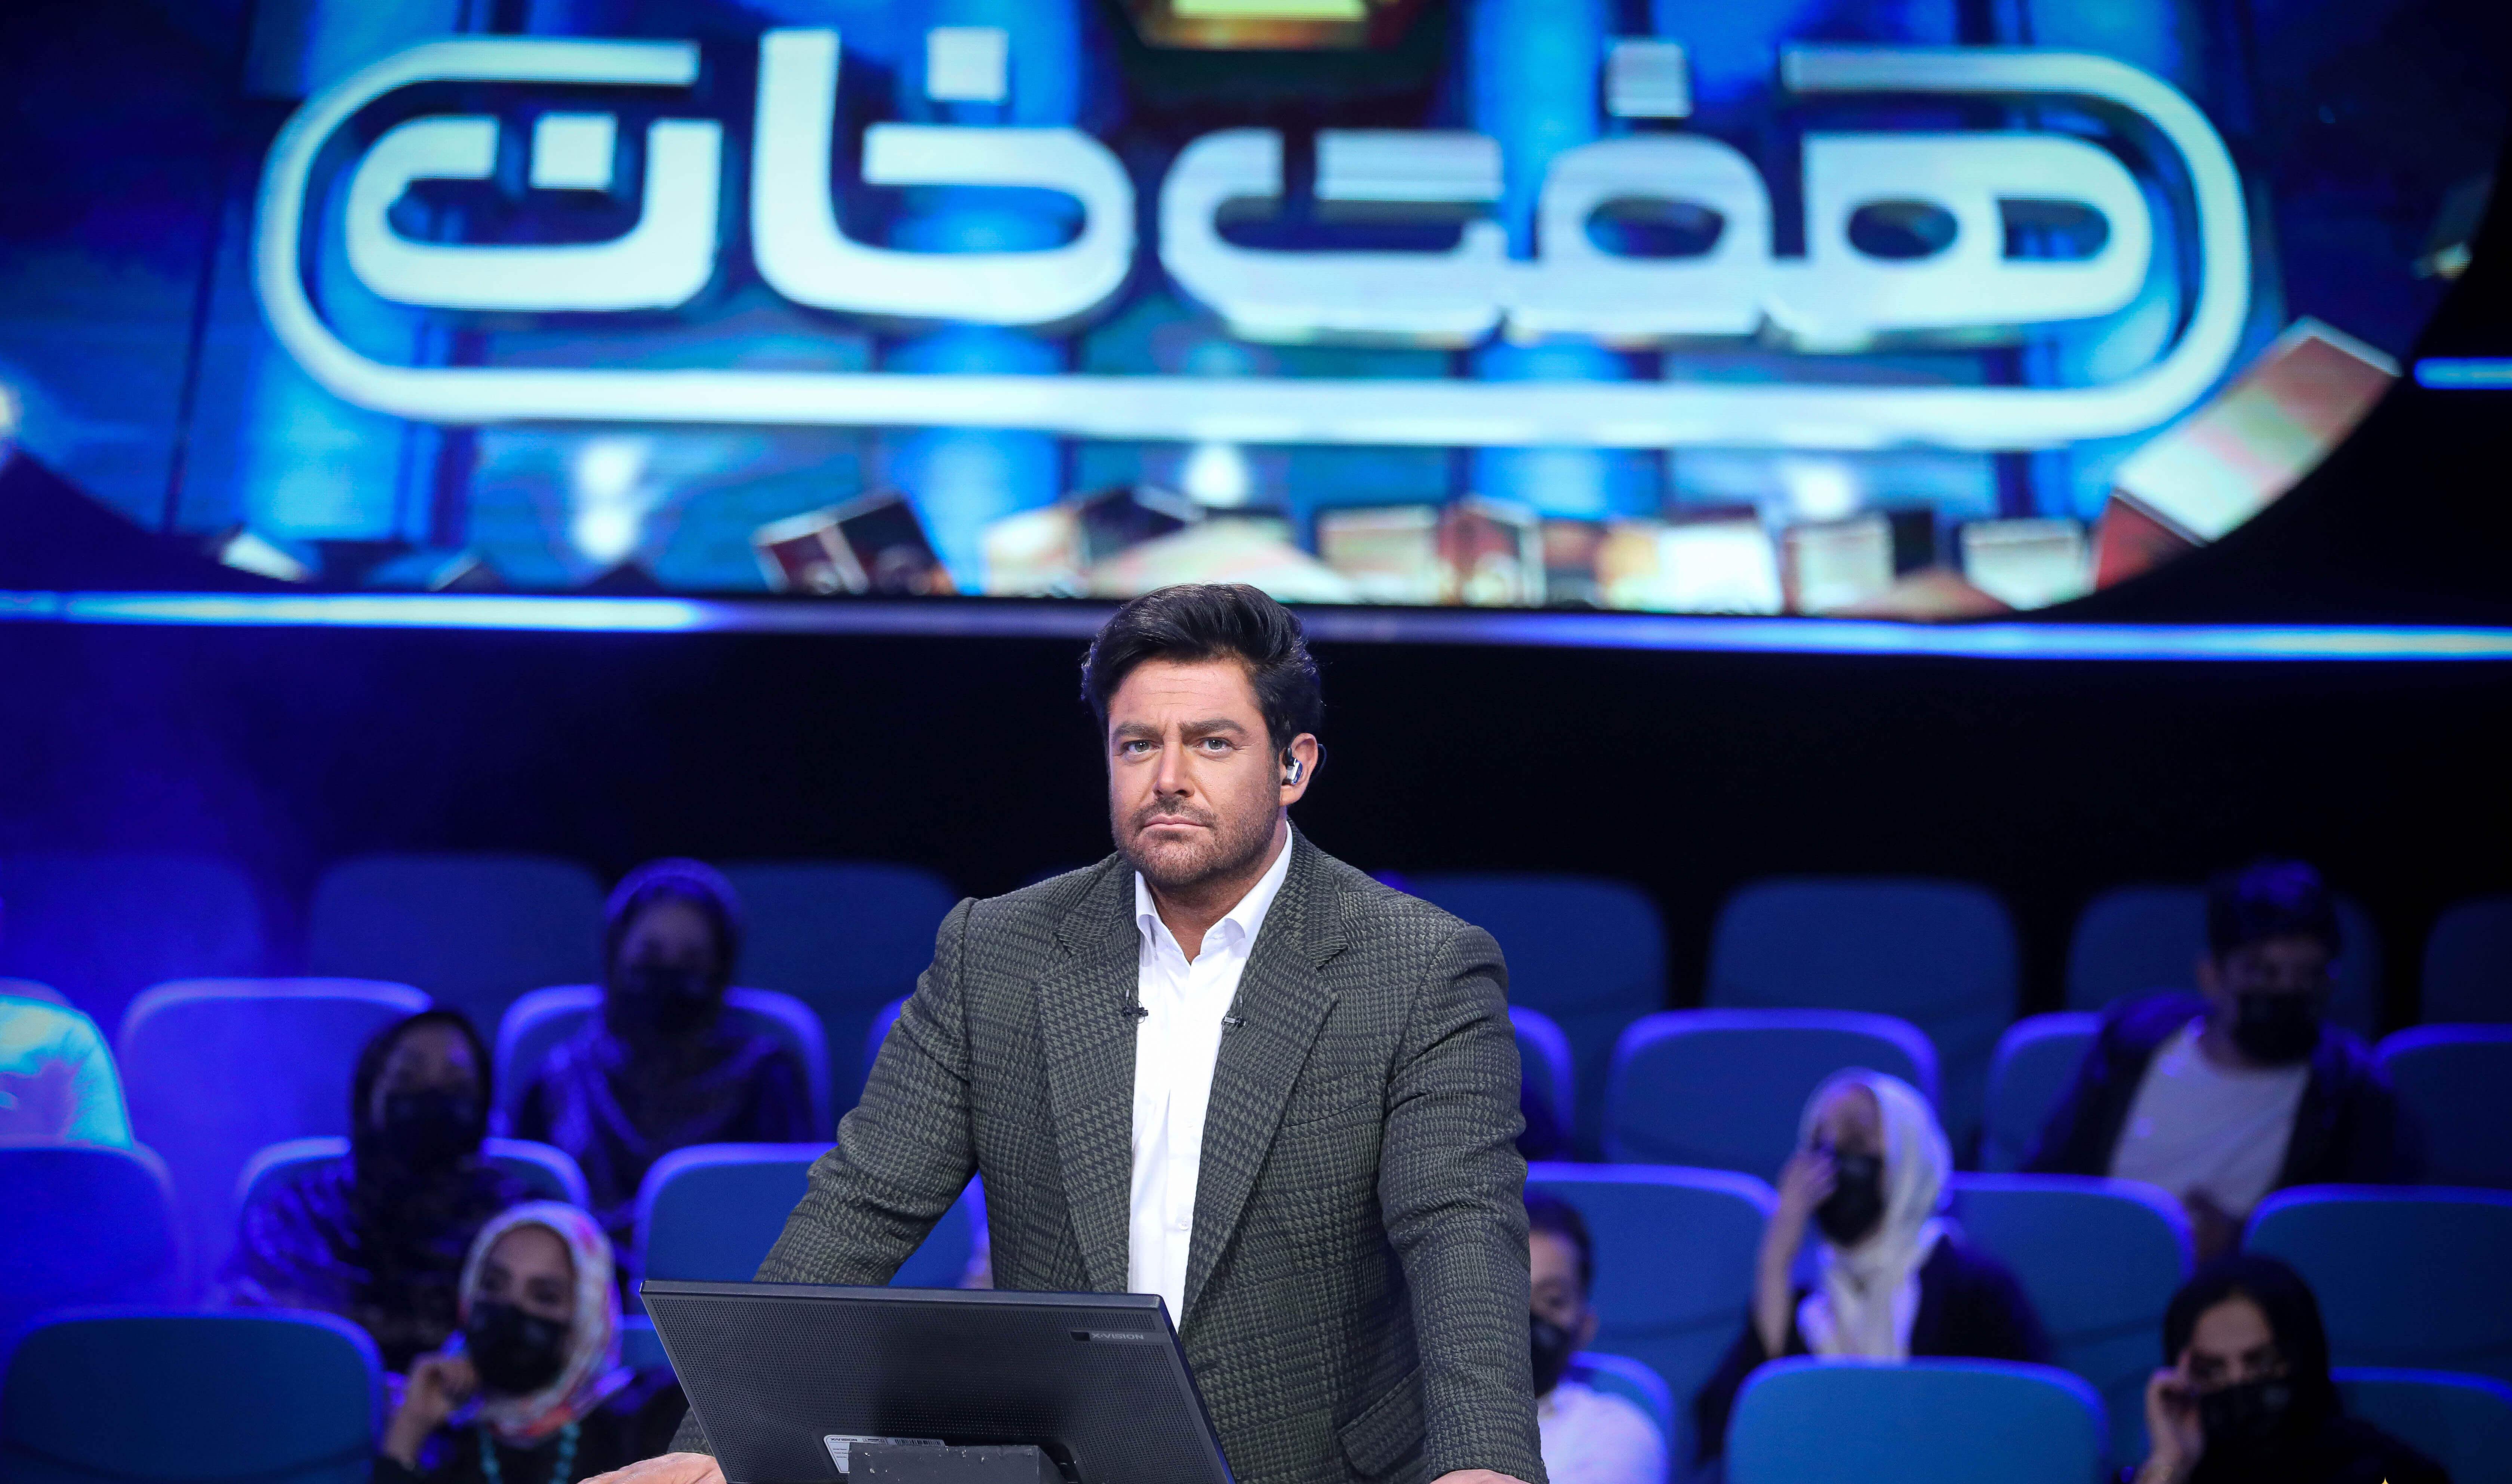 مسابقه هفت خان, دانلود سریال ایرانی و دانلود فیلم قانونی - دانلود مسابقه هفت خان تمام قسمت ها (قسمت 1 تا 26)